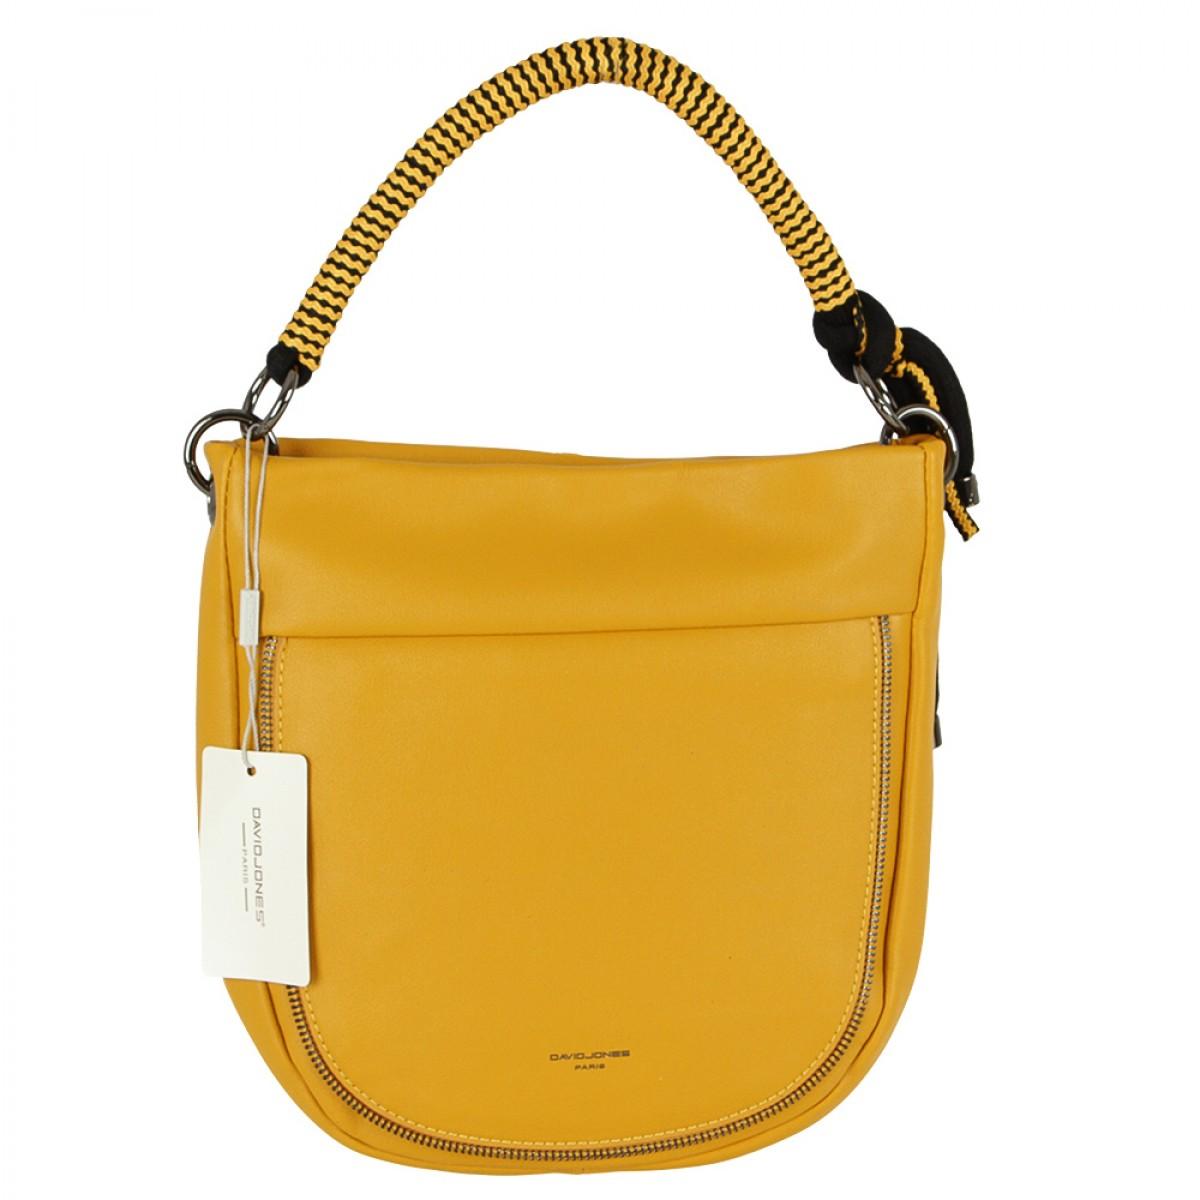 Жіноча сумка David Jones CM5736 YELLOW